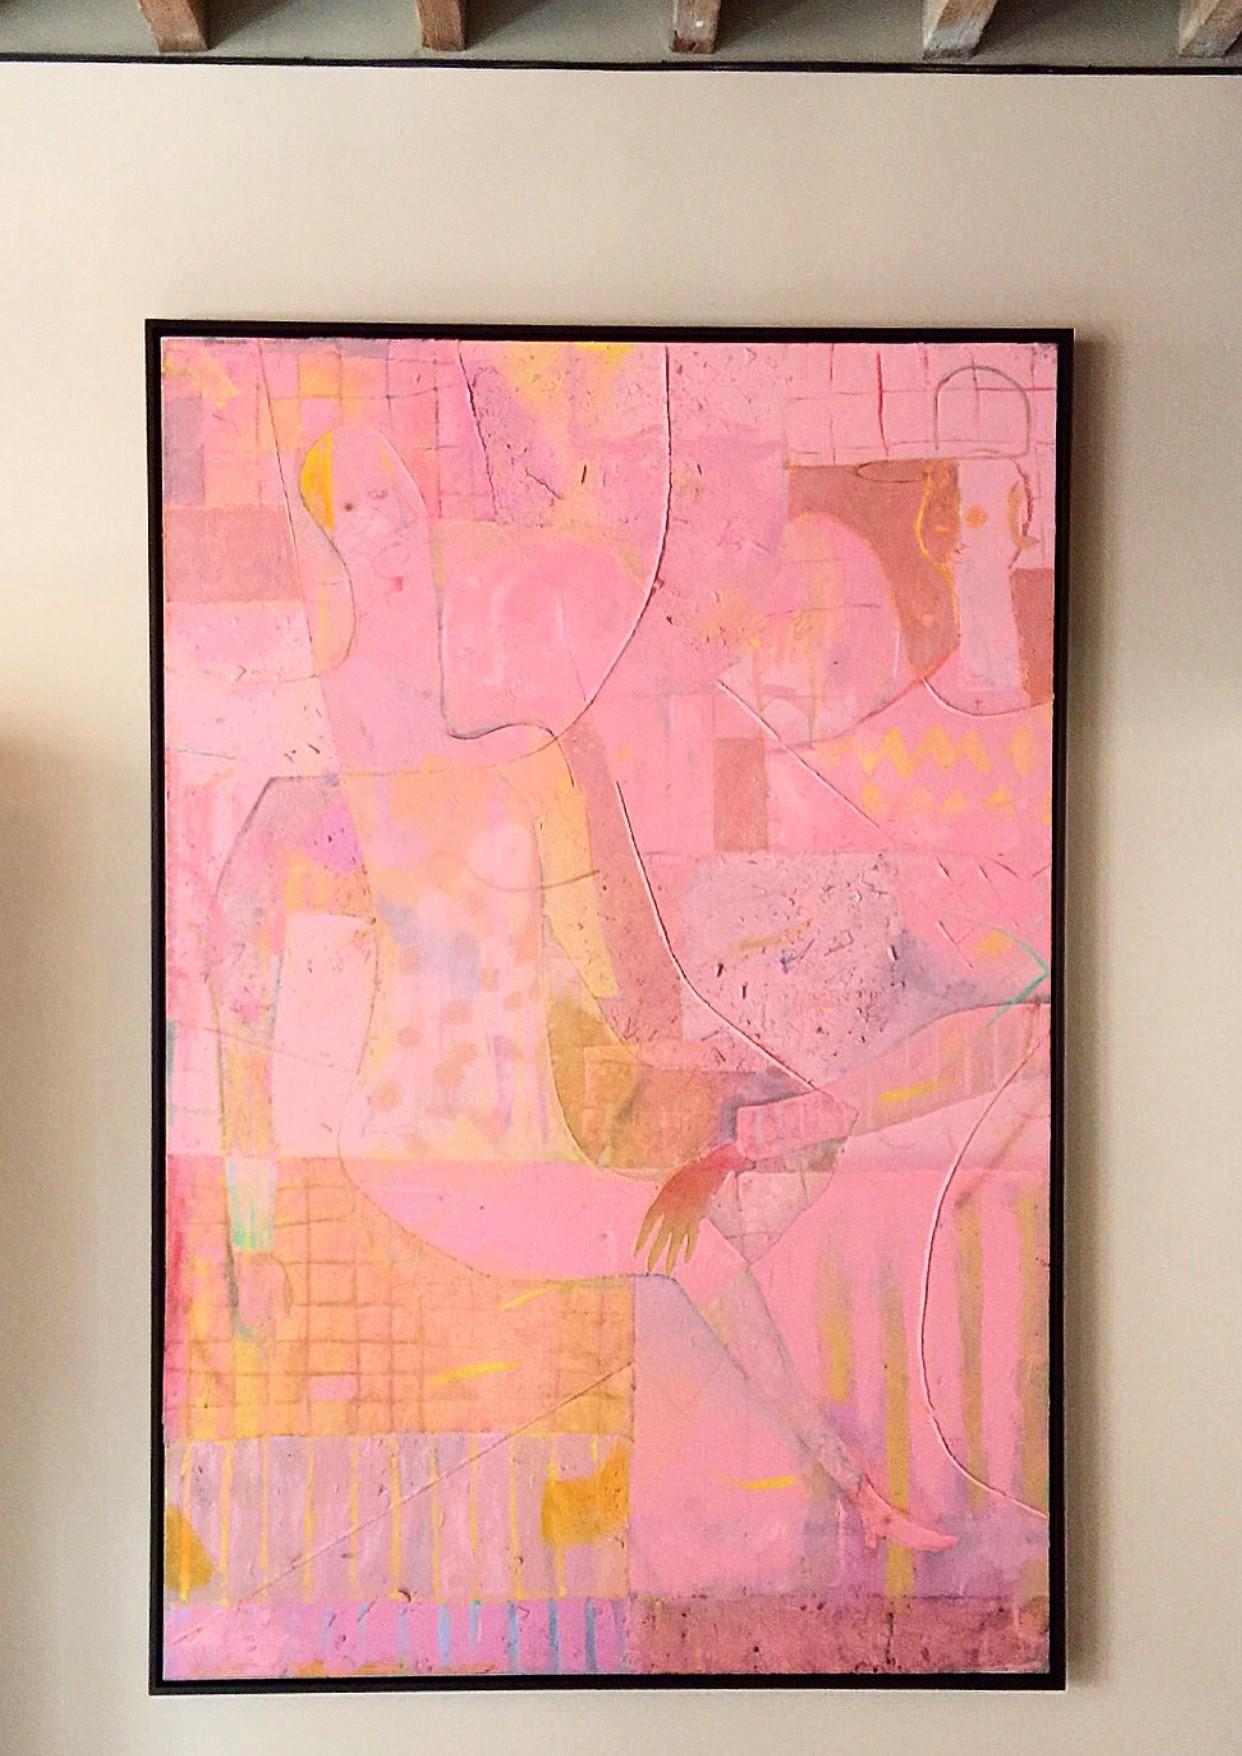 Maria-Brito_Art-Advisory-Volker.jpg